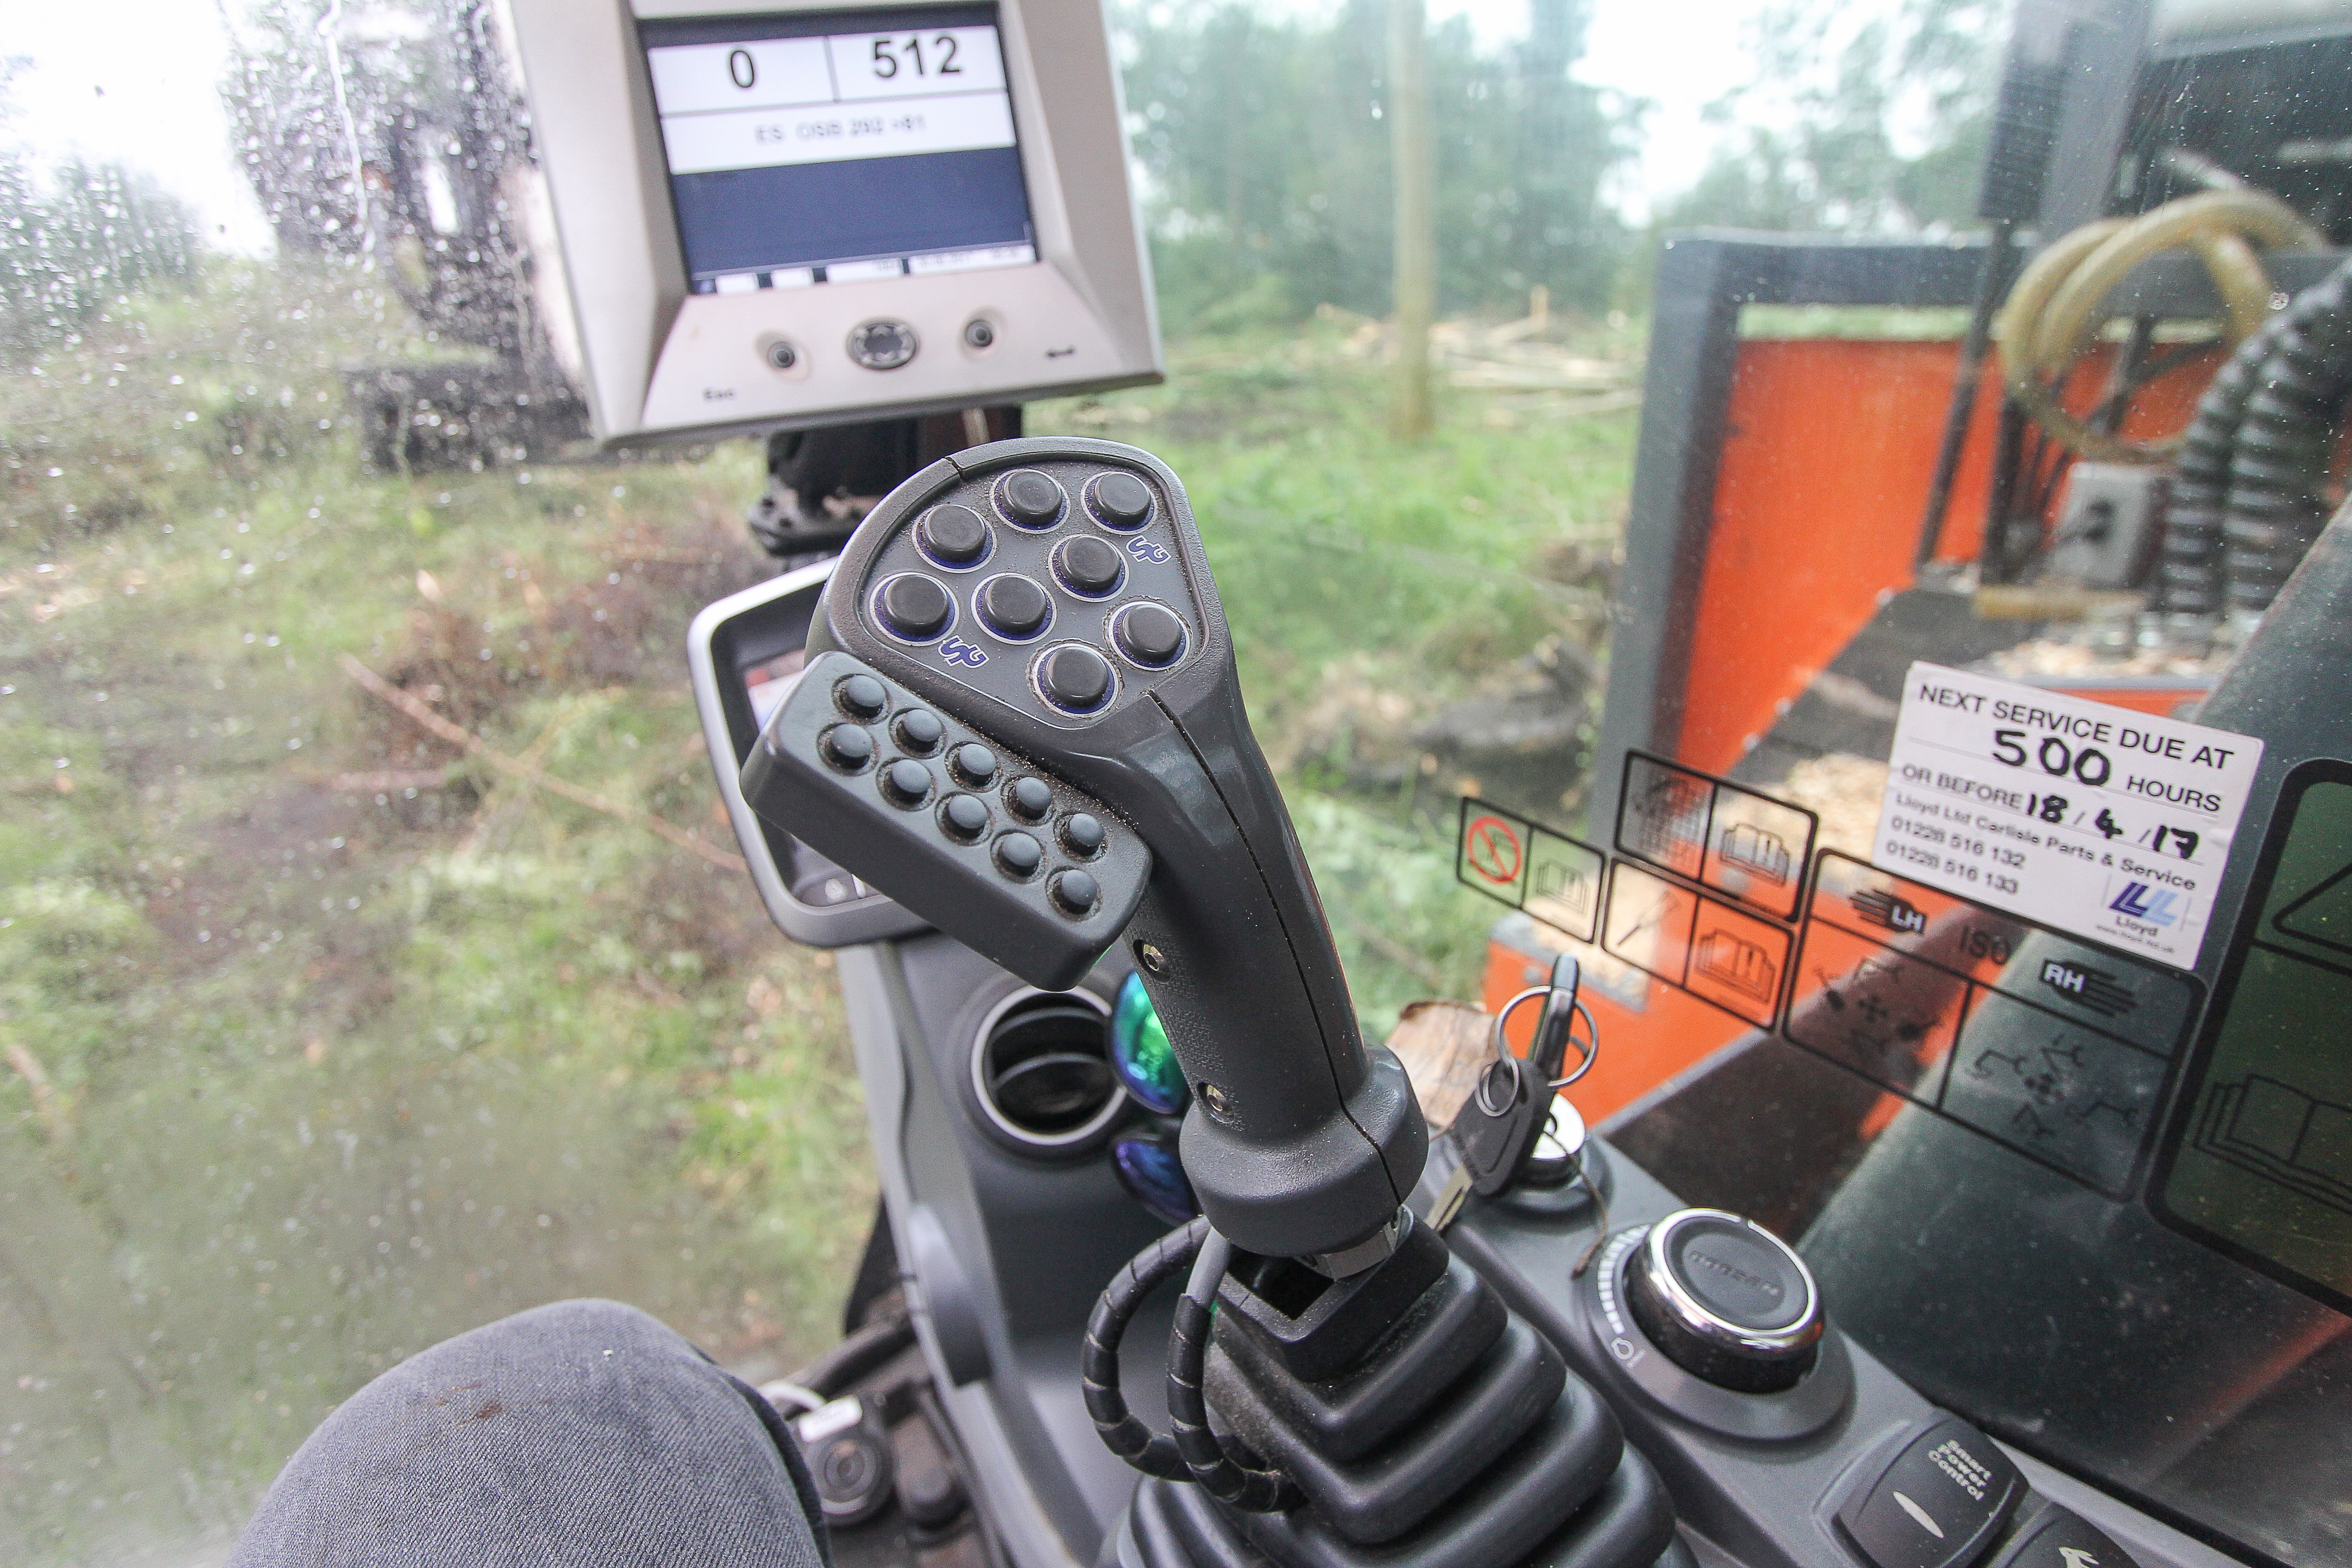 <p>Los van de standaardfuncties telt elke stick 18 extra knoppen. Daar zal niet elke machinist vrolijk van worden. Het werken in de bosbouw vereist bovendien gevoel met hout. Dit maakt het een specialisme.</p>